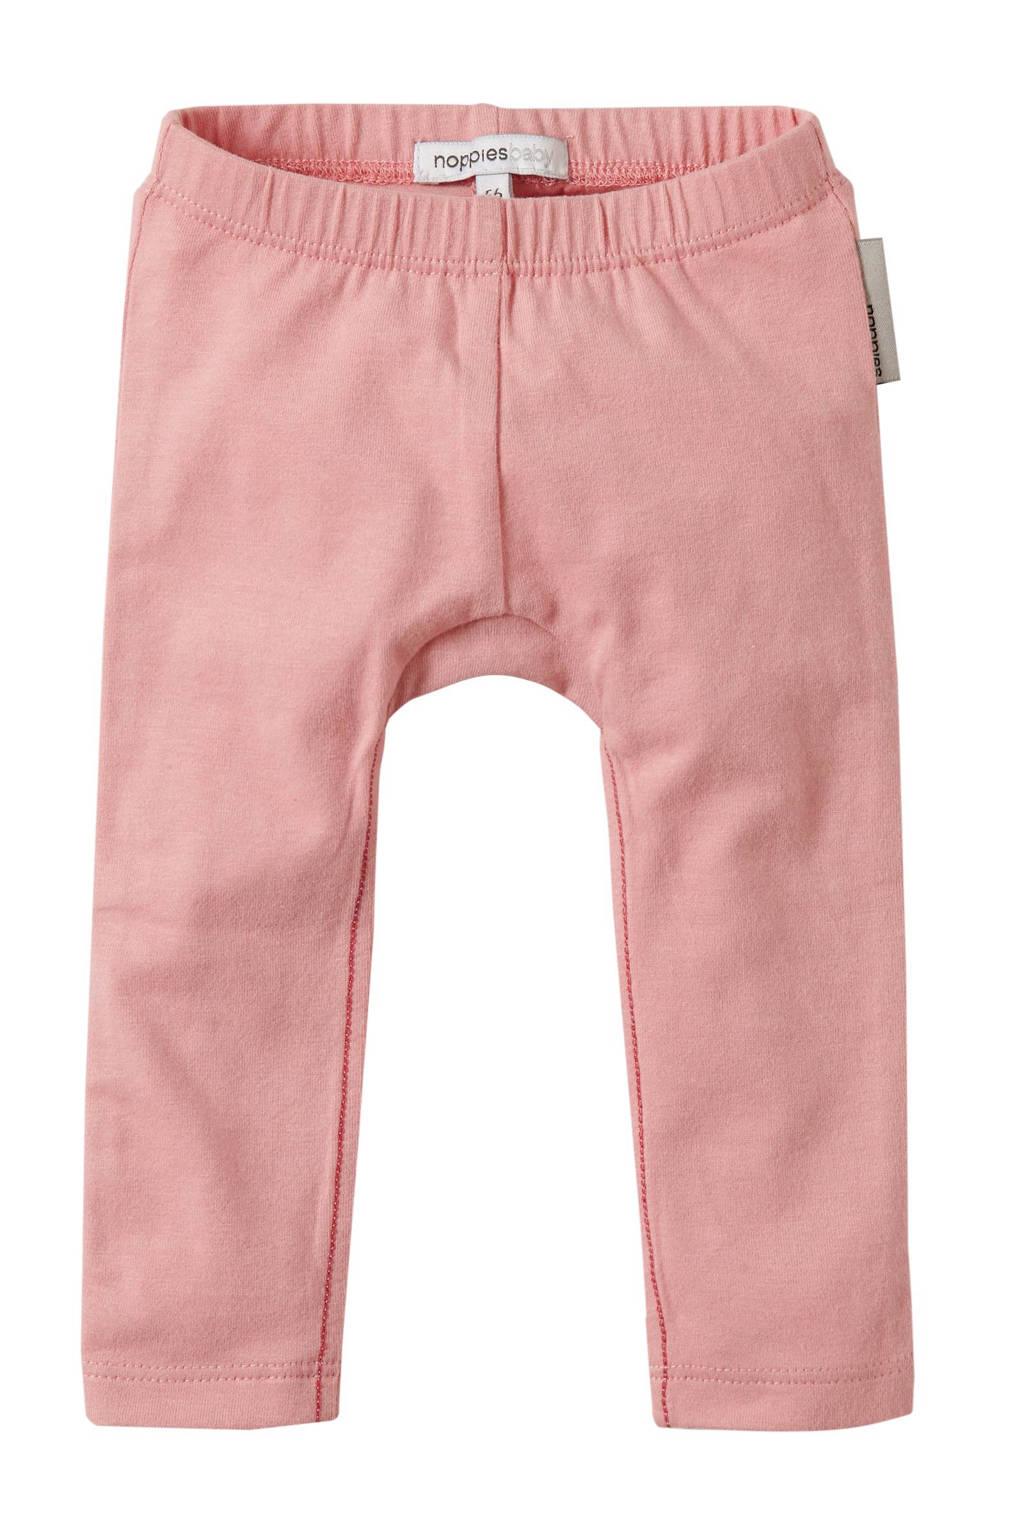 Noppies baby legging Vineyard roze, Roze